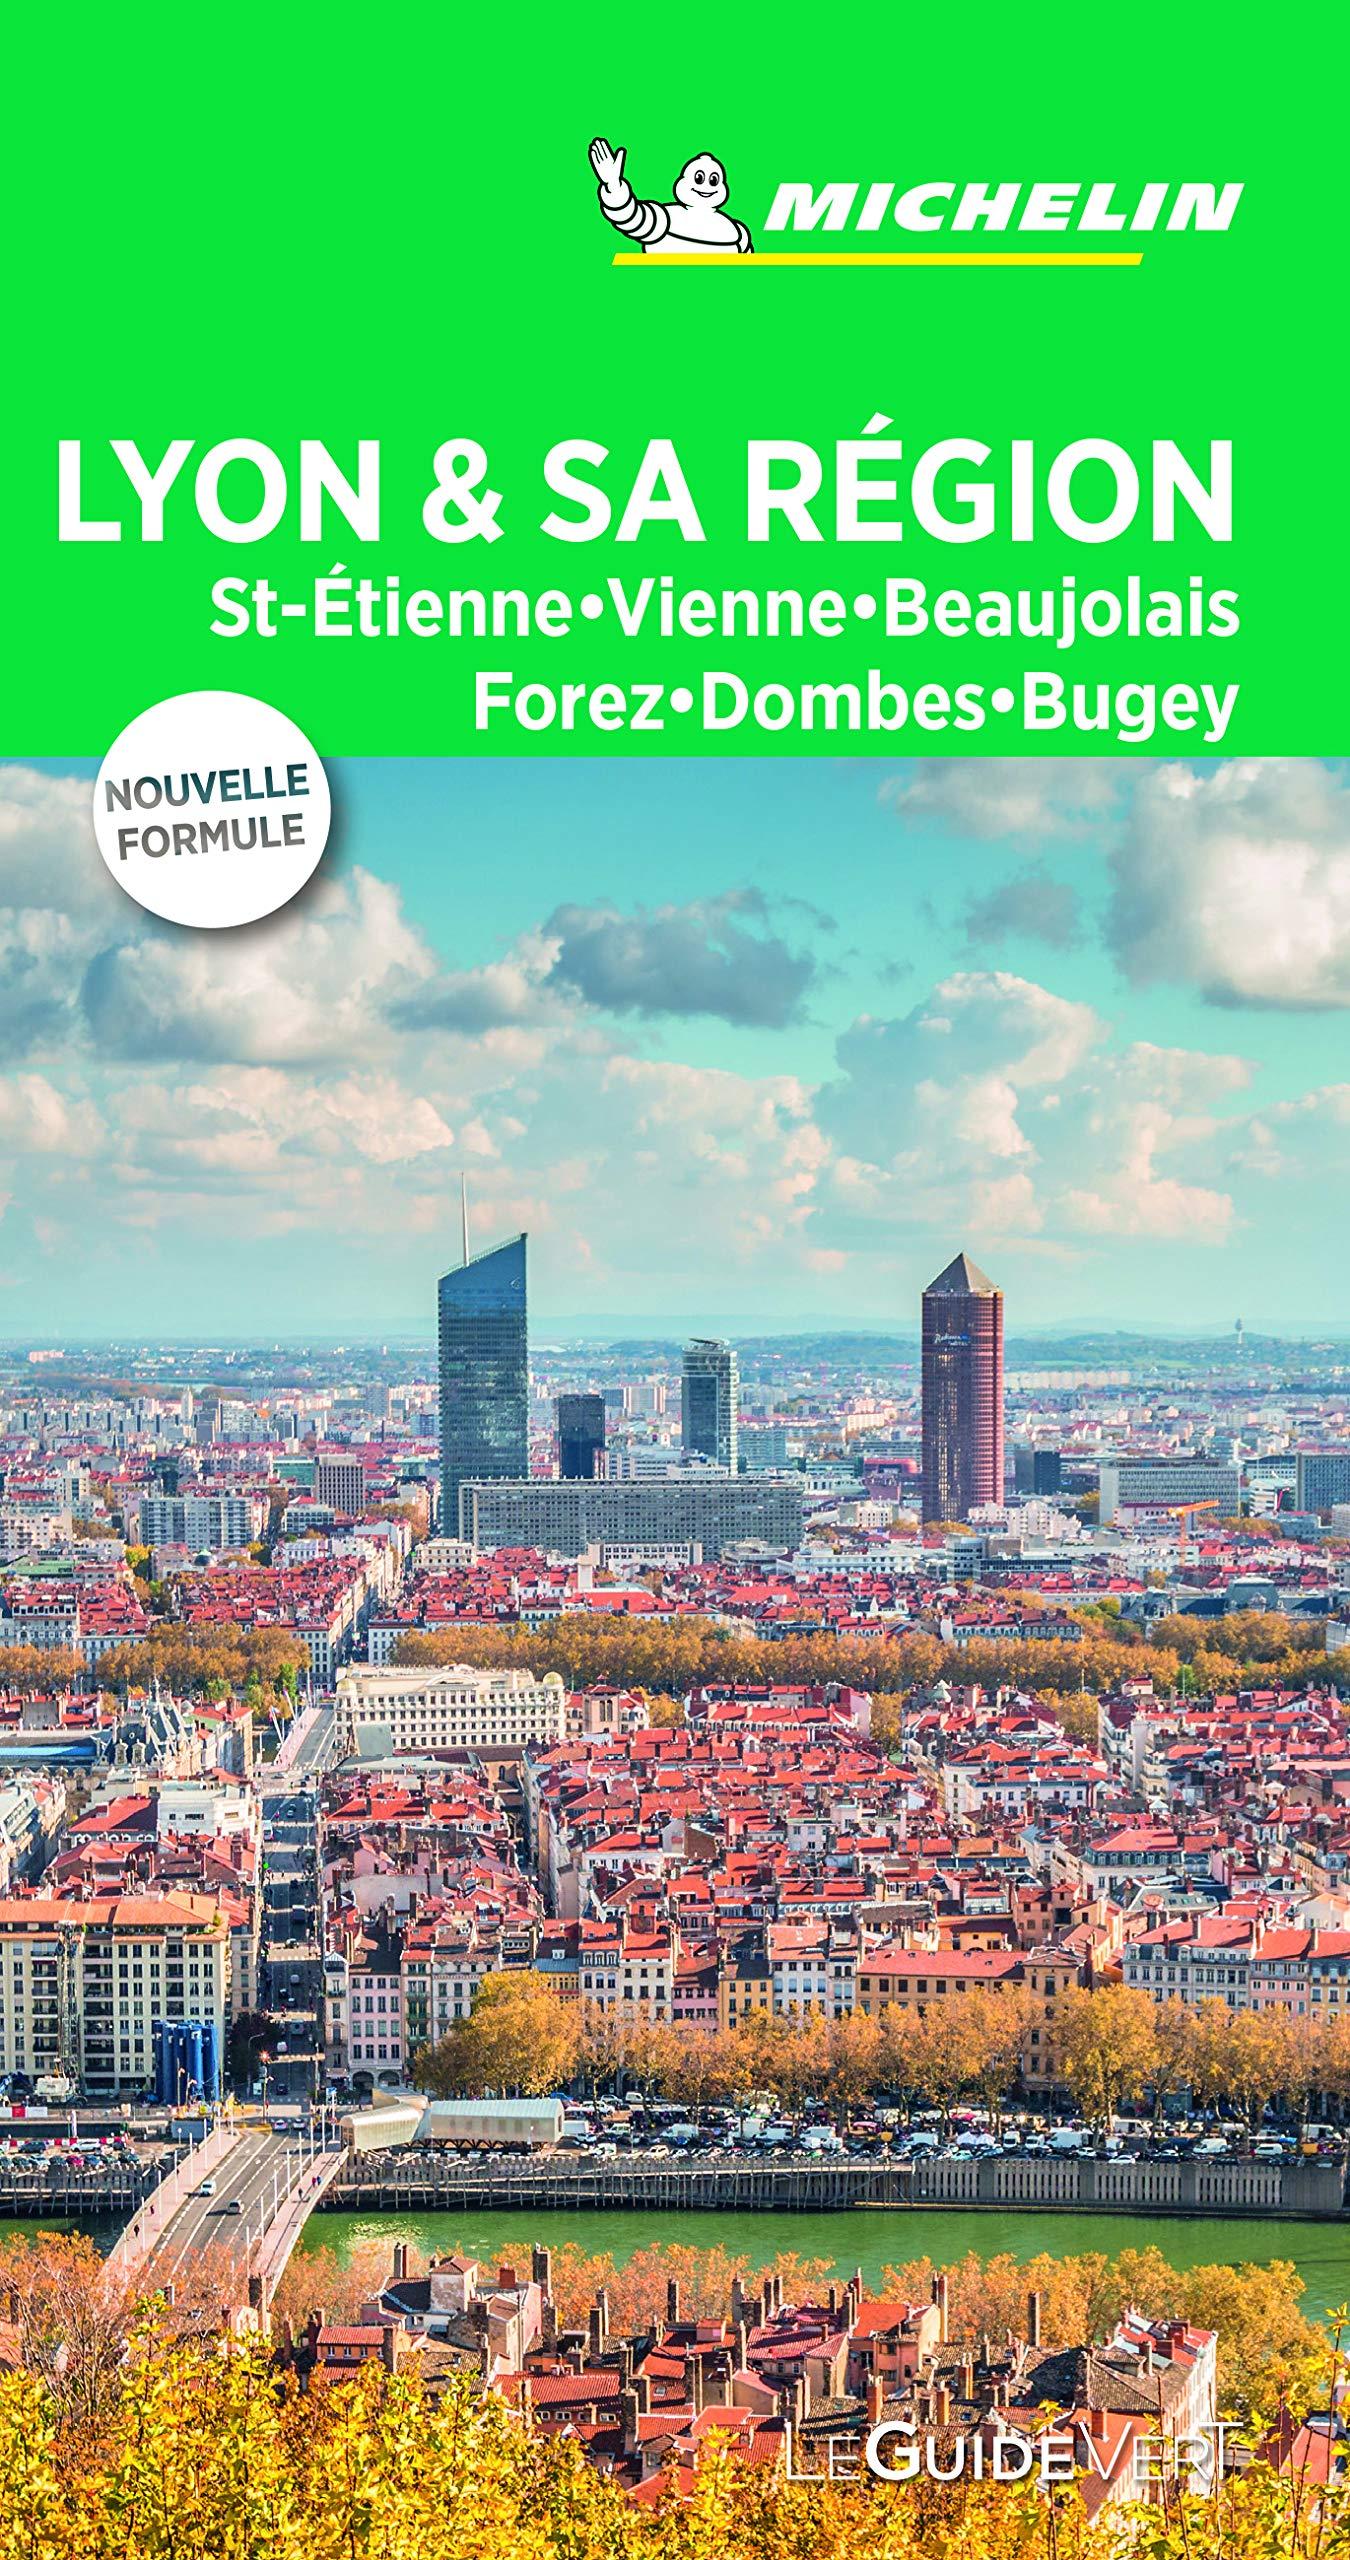 Lyon et sa région Le Guide Vert La Guía Verde Michelin: Amazon.es: MICHELIN: Libros en idiomas extranjeros